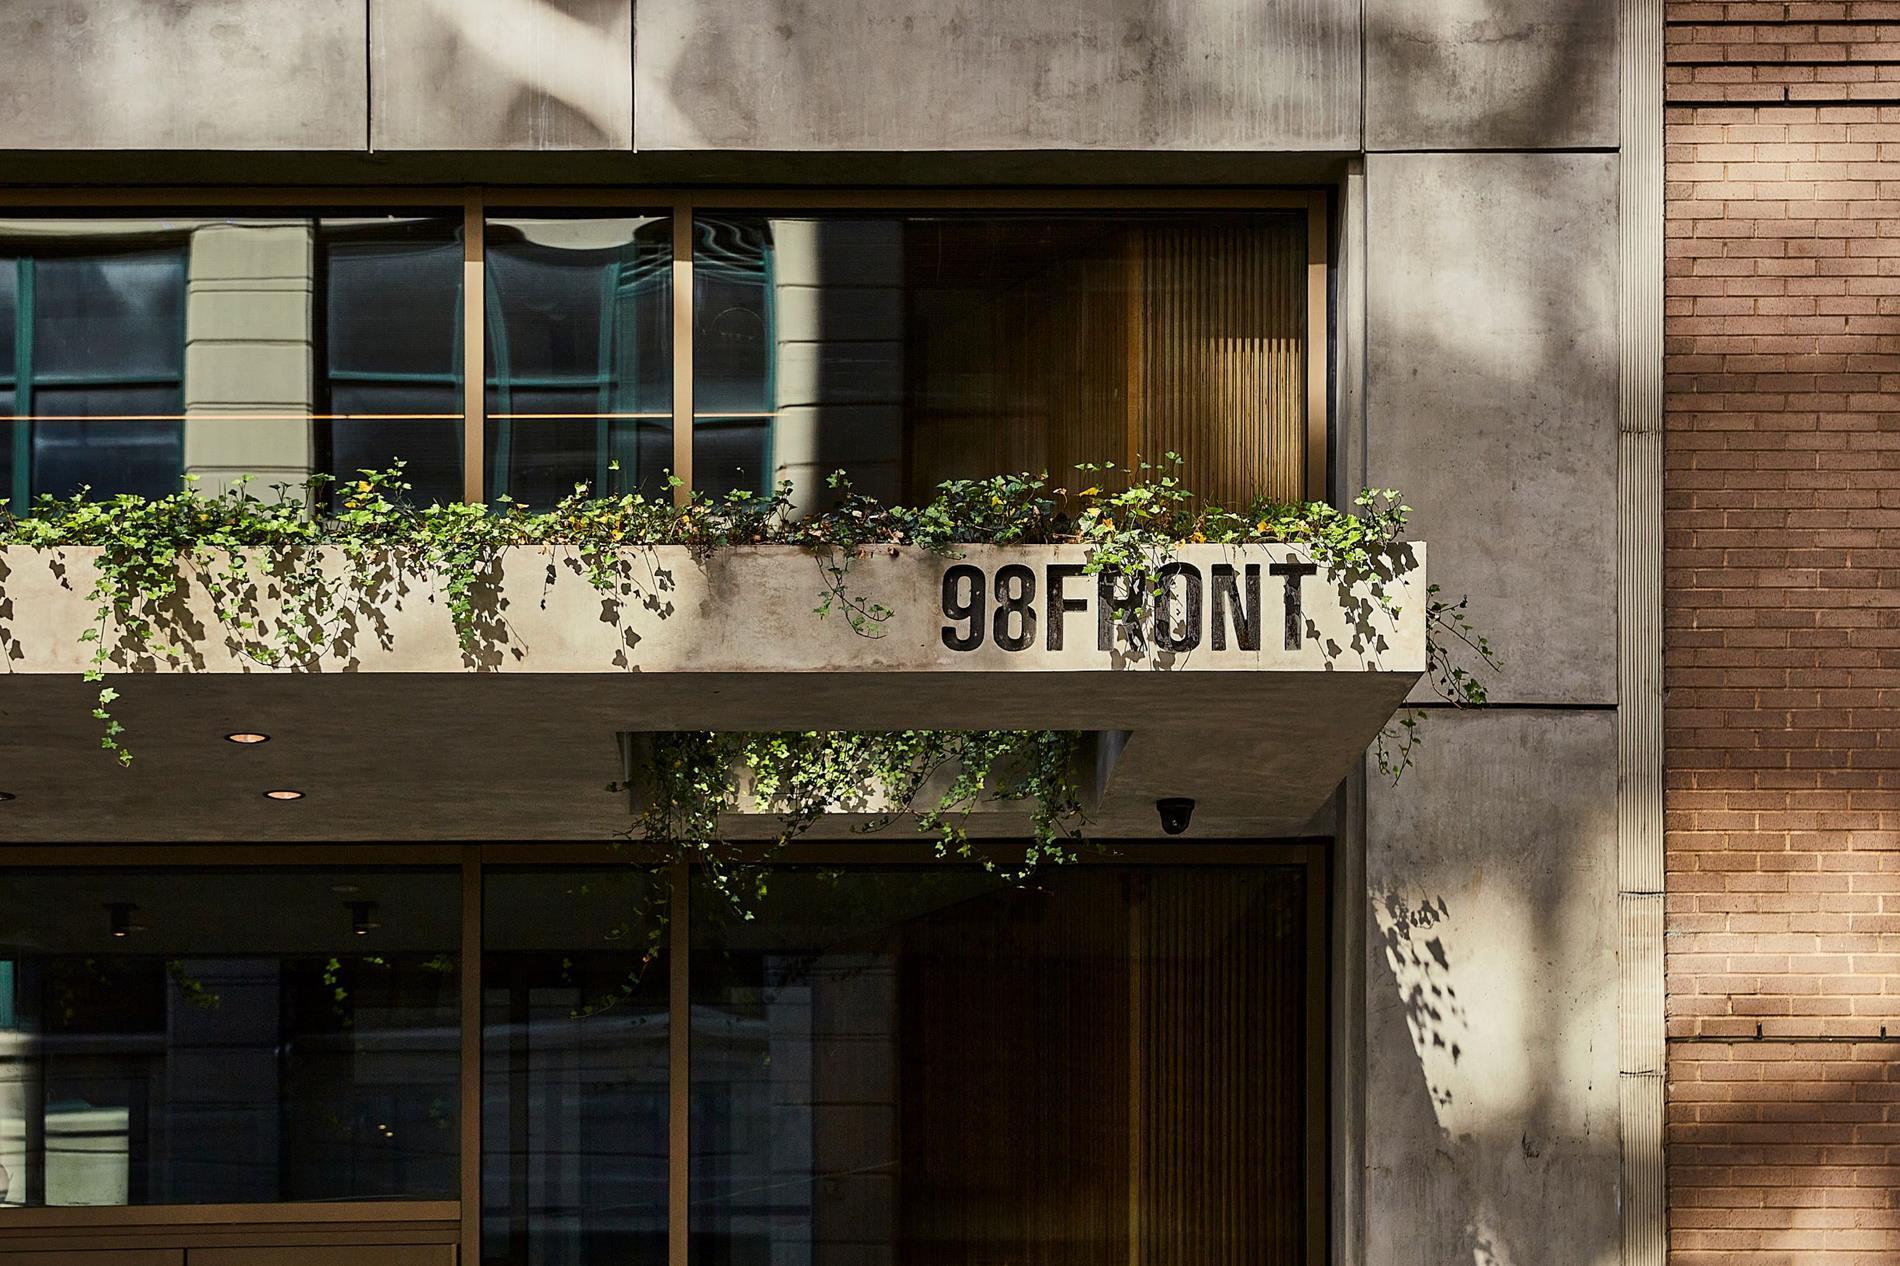 98 Front Street Dumbo Brooklyn NY 11201